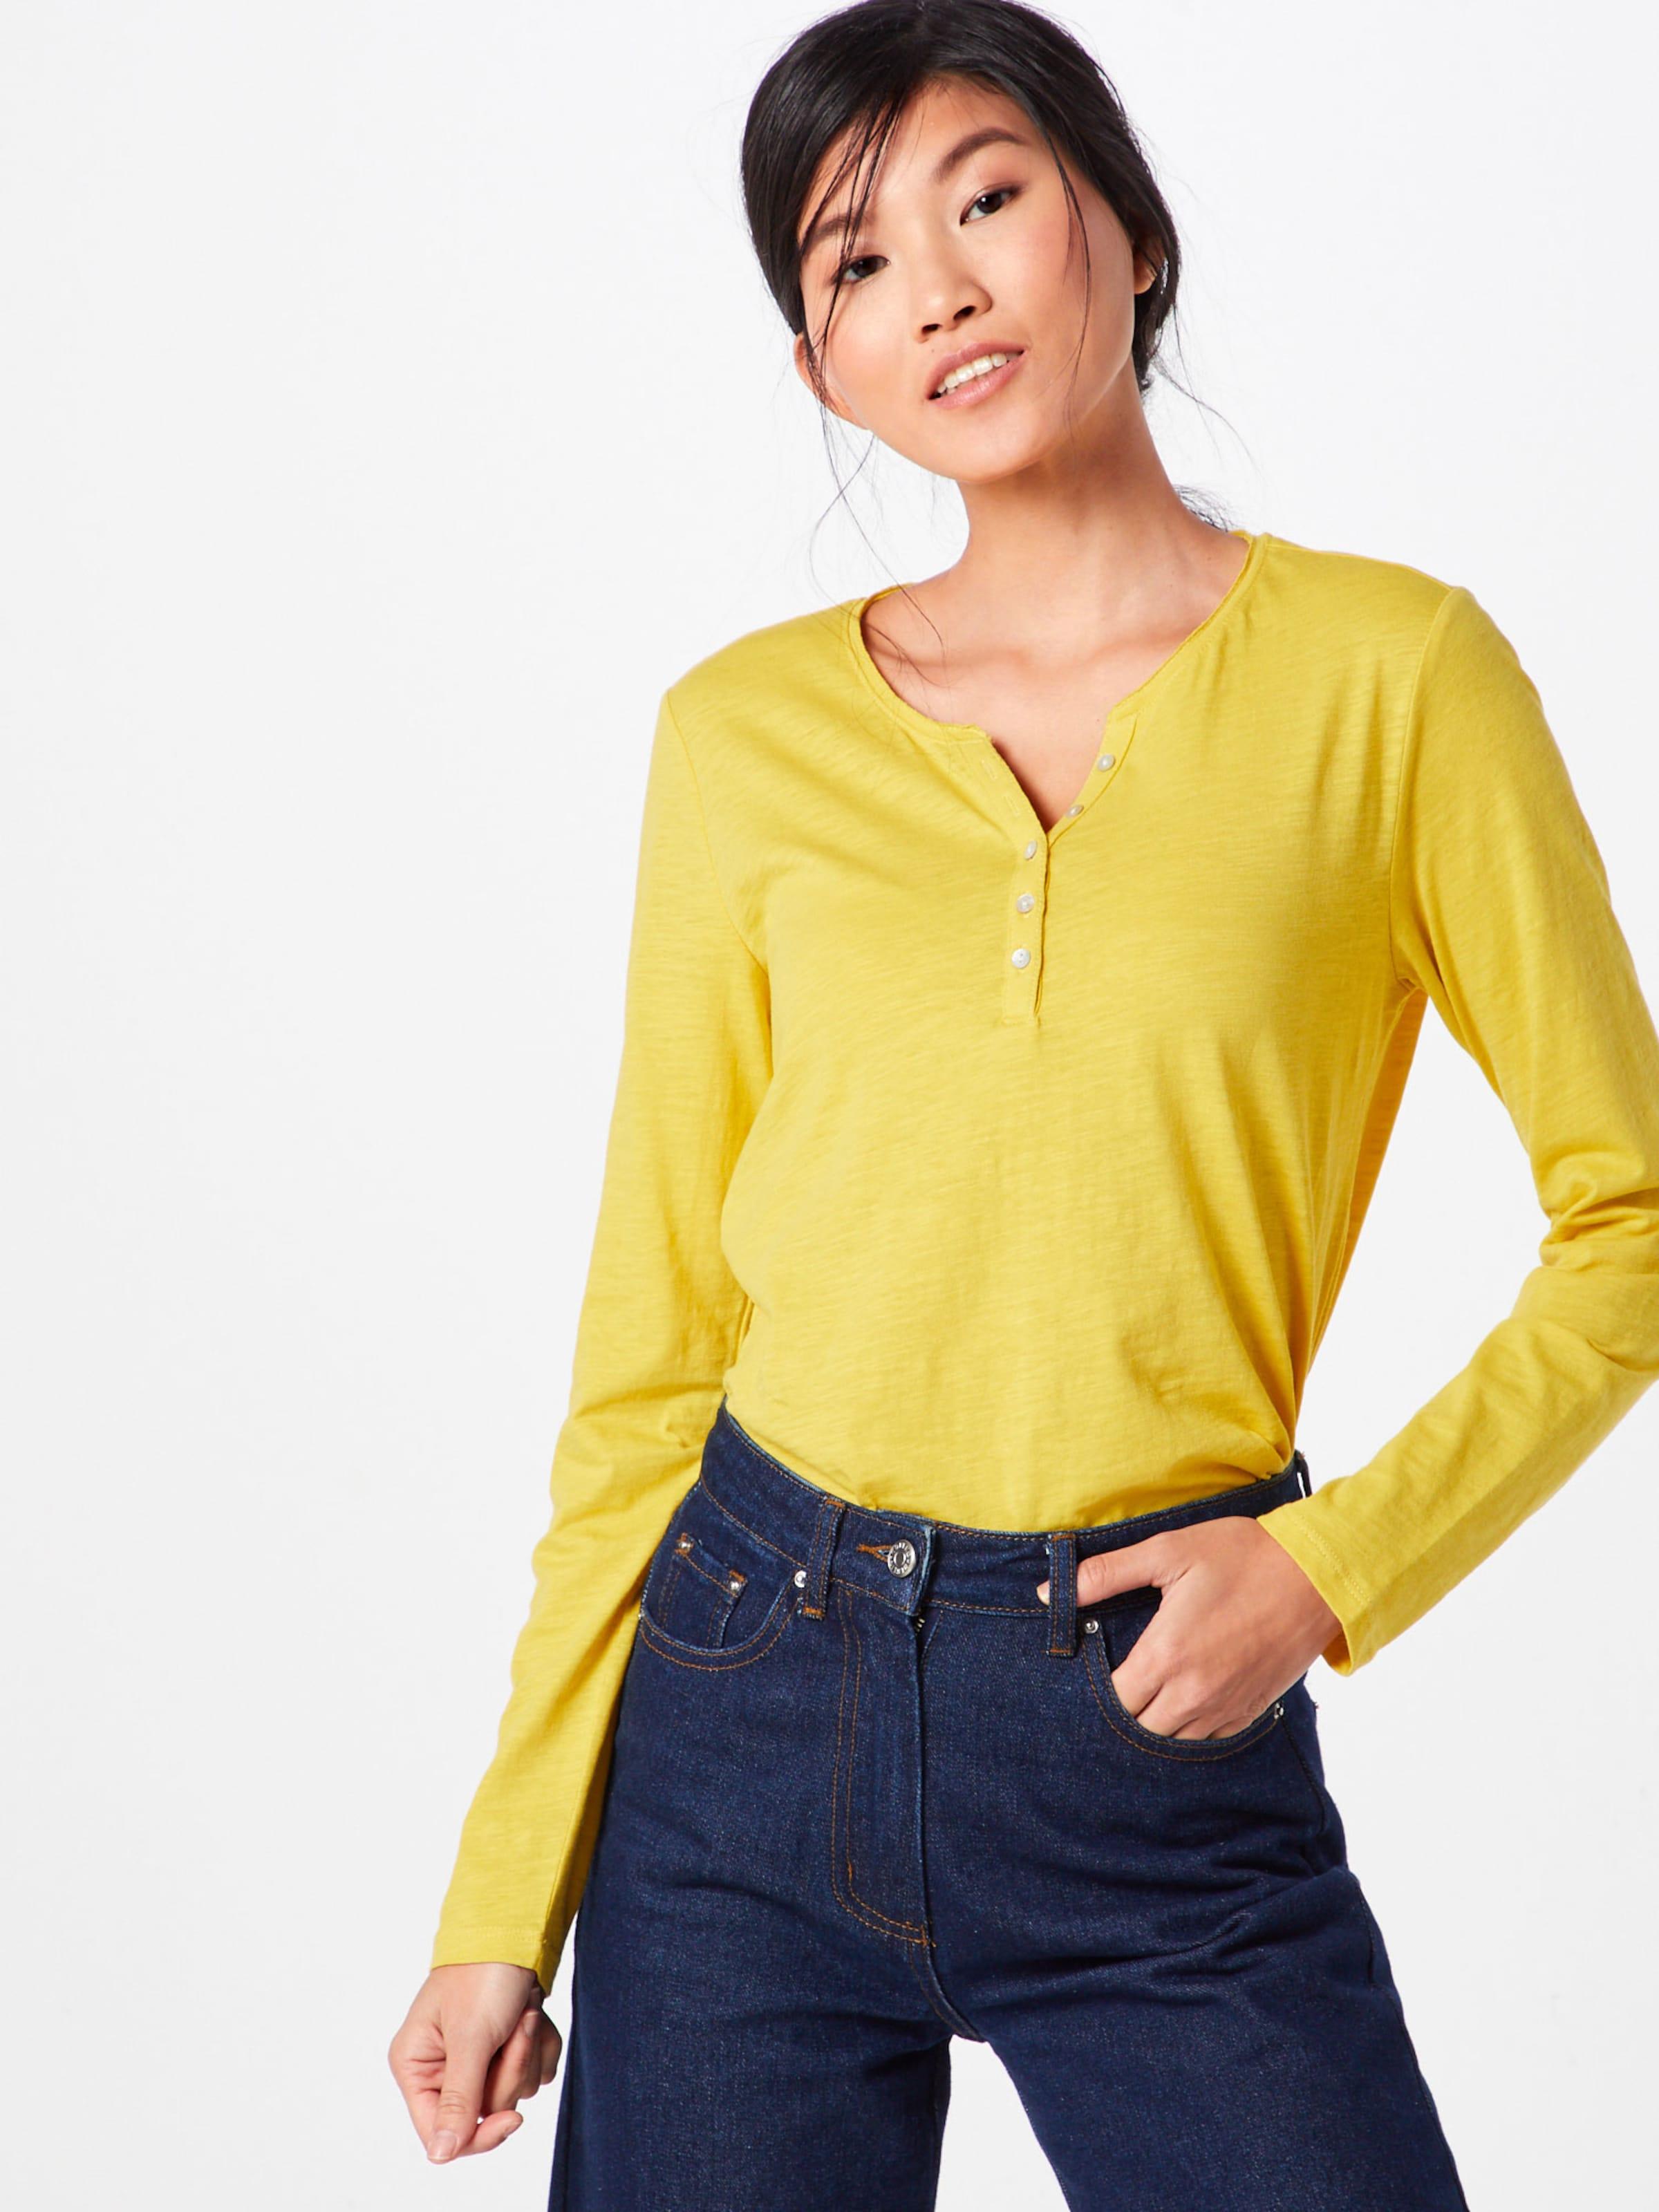 En shirt Jaune Jaune T T En shirt Esprit T shirt En Esprit Esprit stdChQr